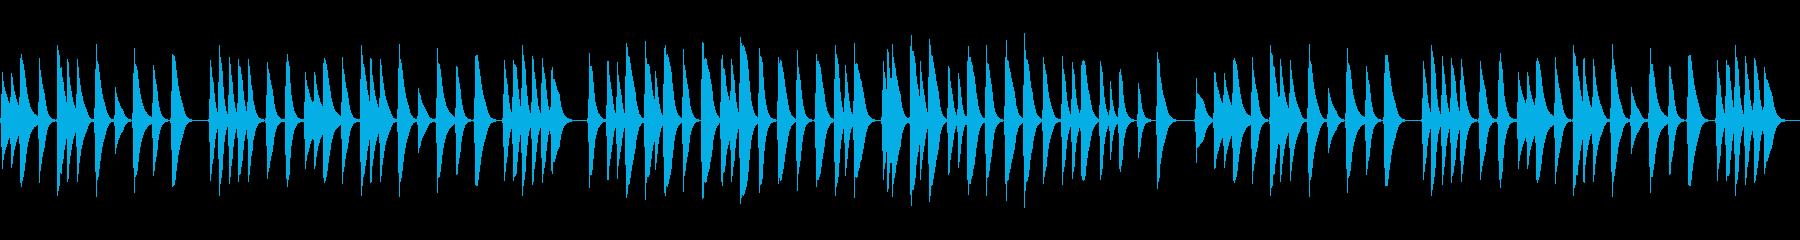 結婚式感動の手紙朗読に切ないオルゴール曲の再生済みの波形